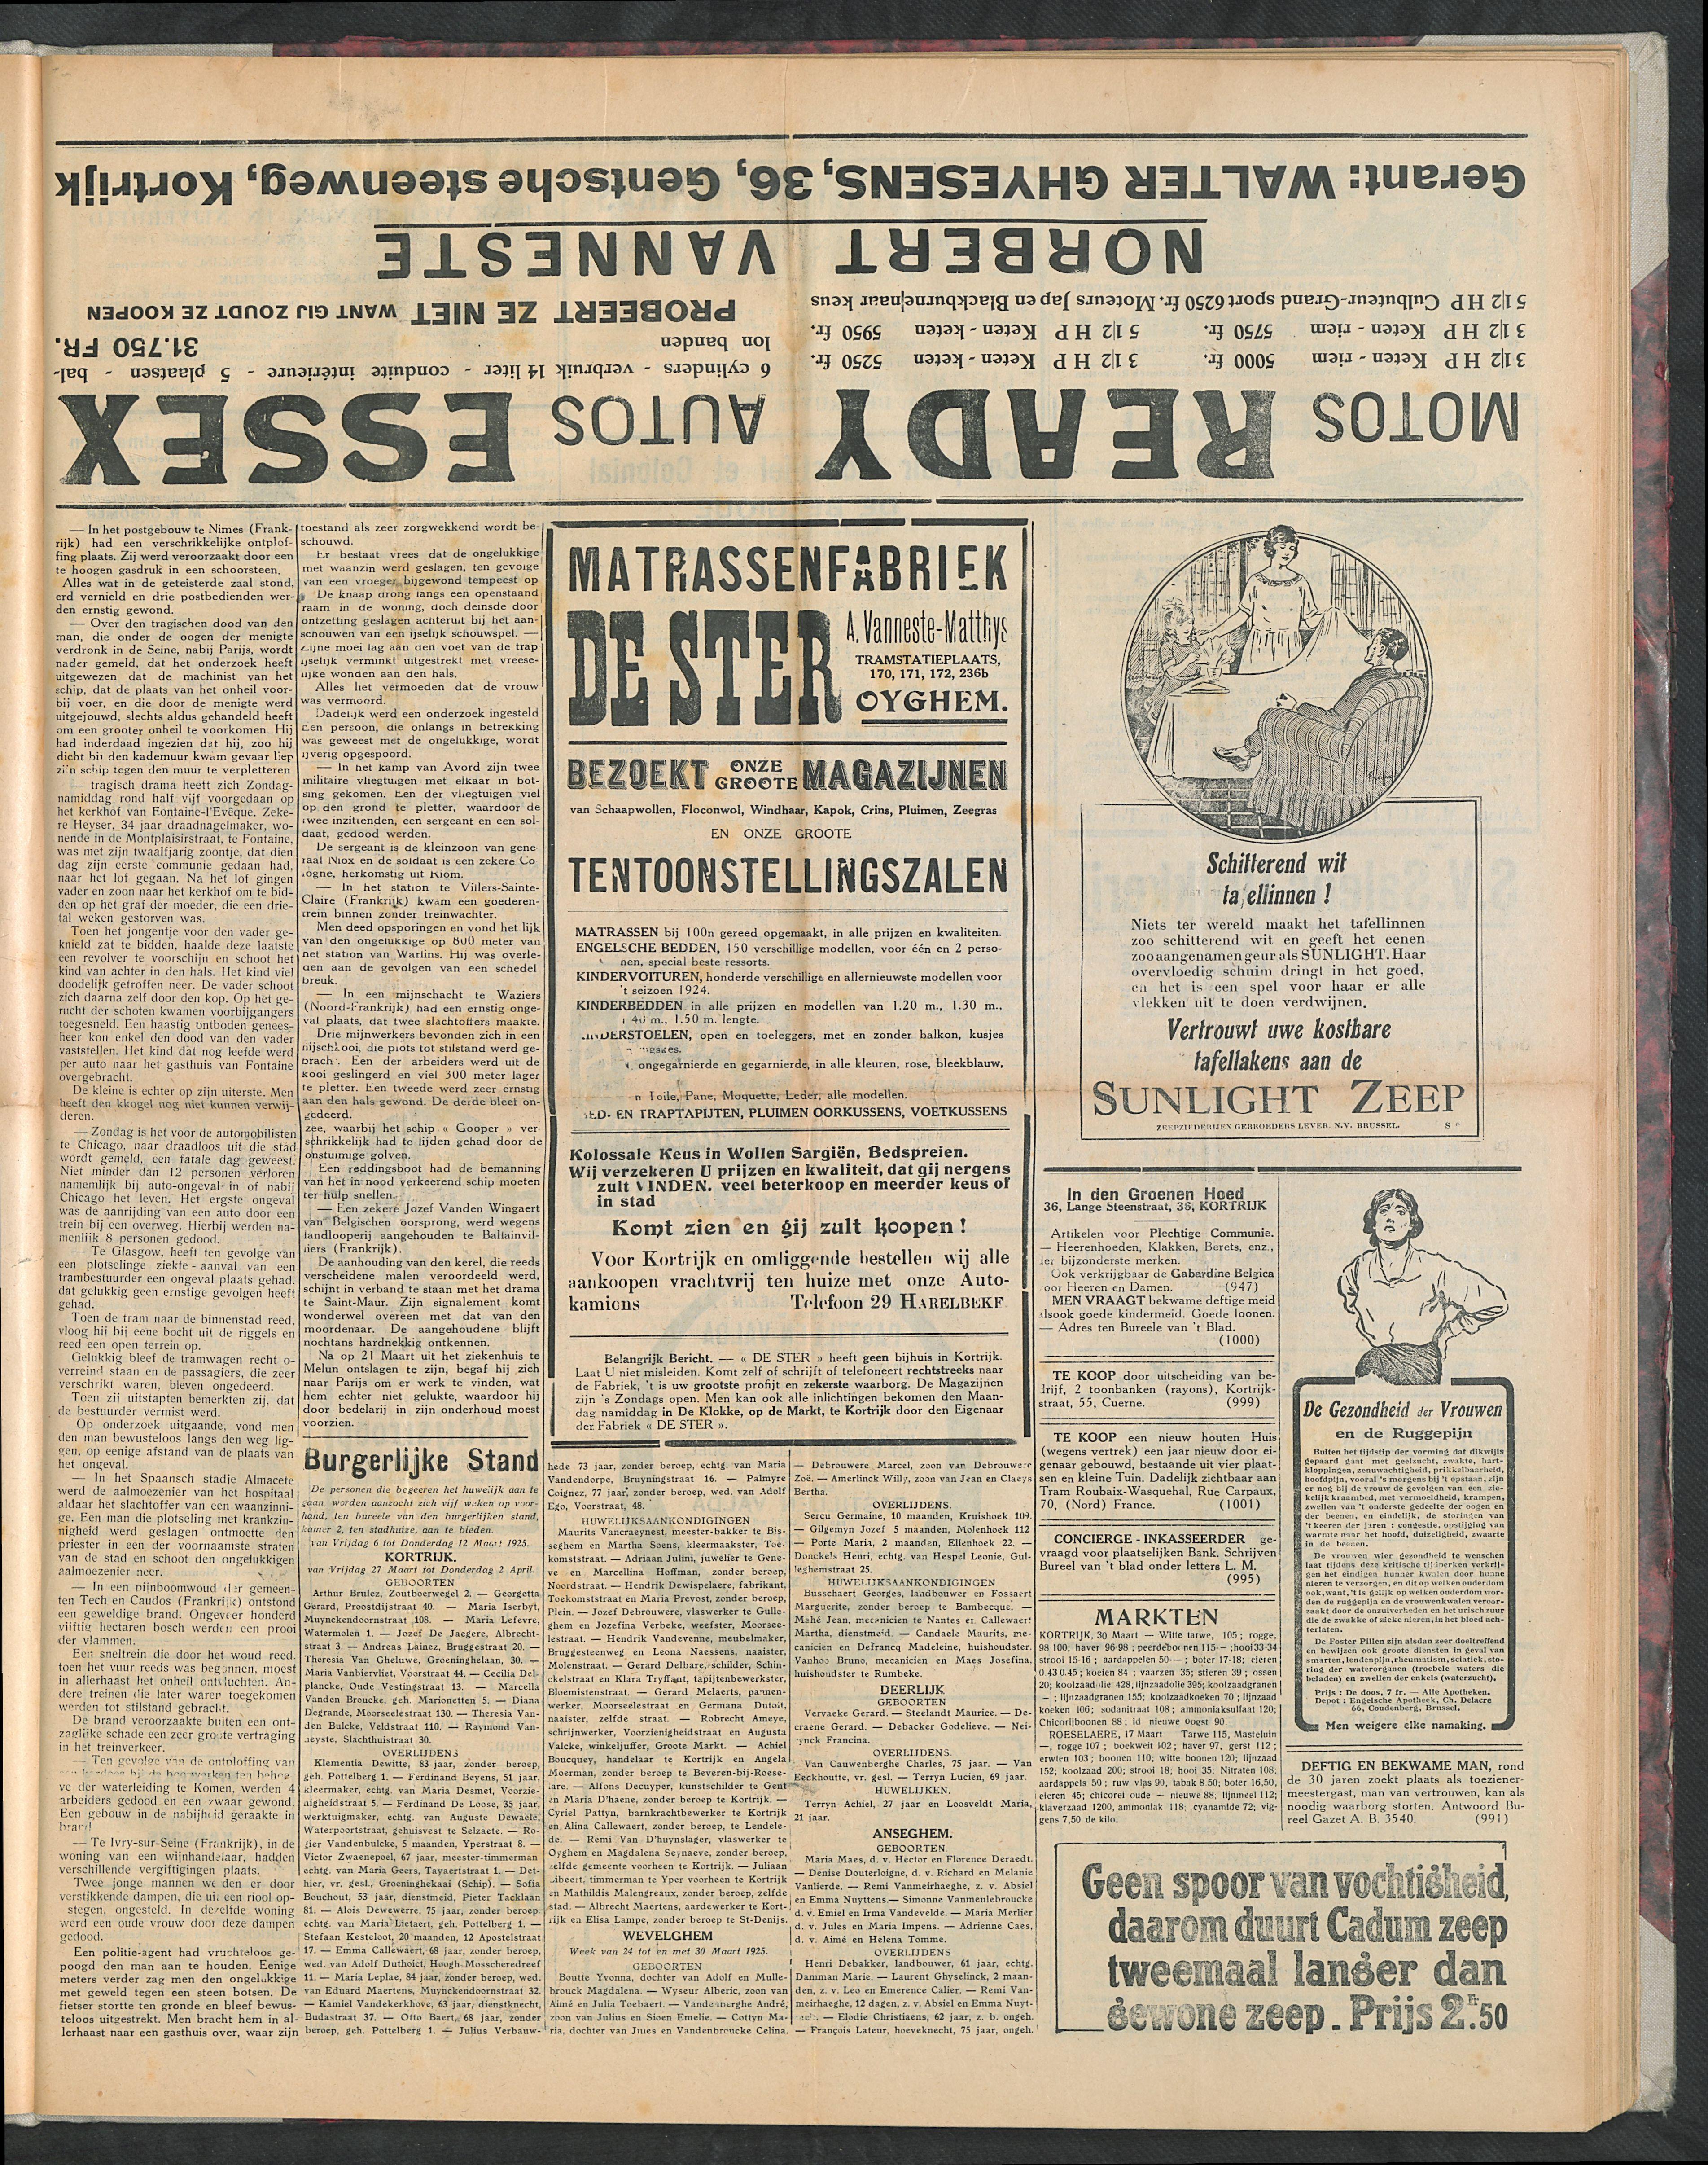 Het Kortrijksche Volk 1925-04-05 p3